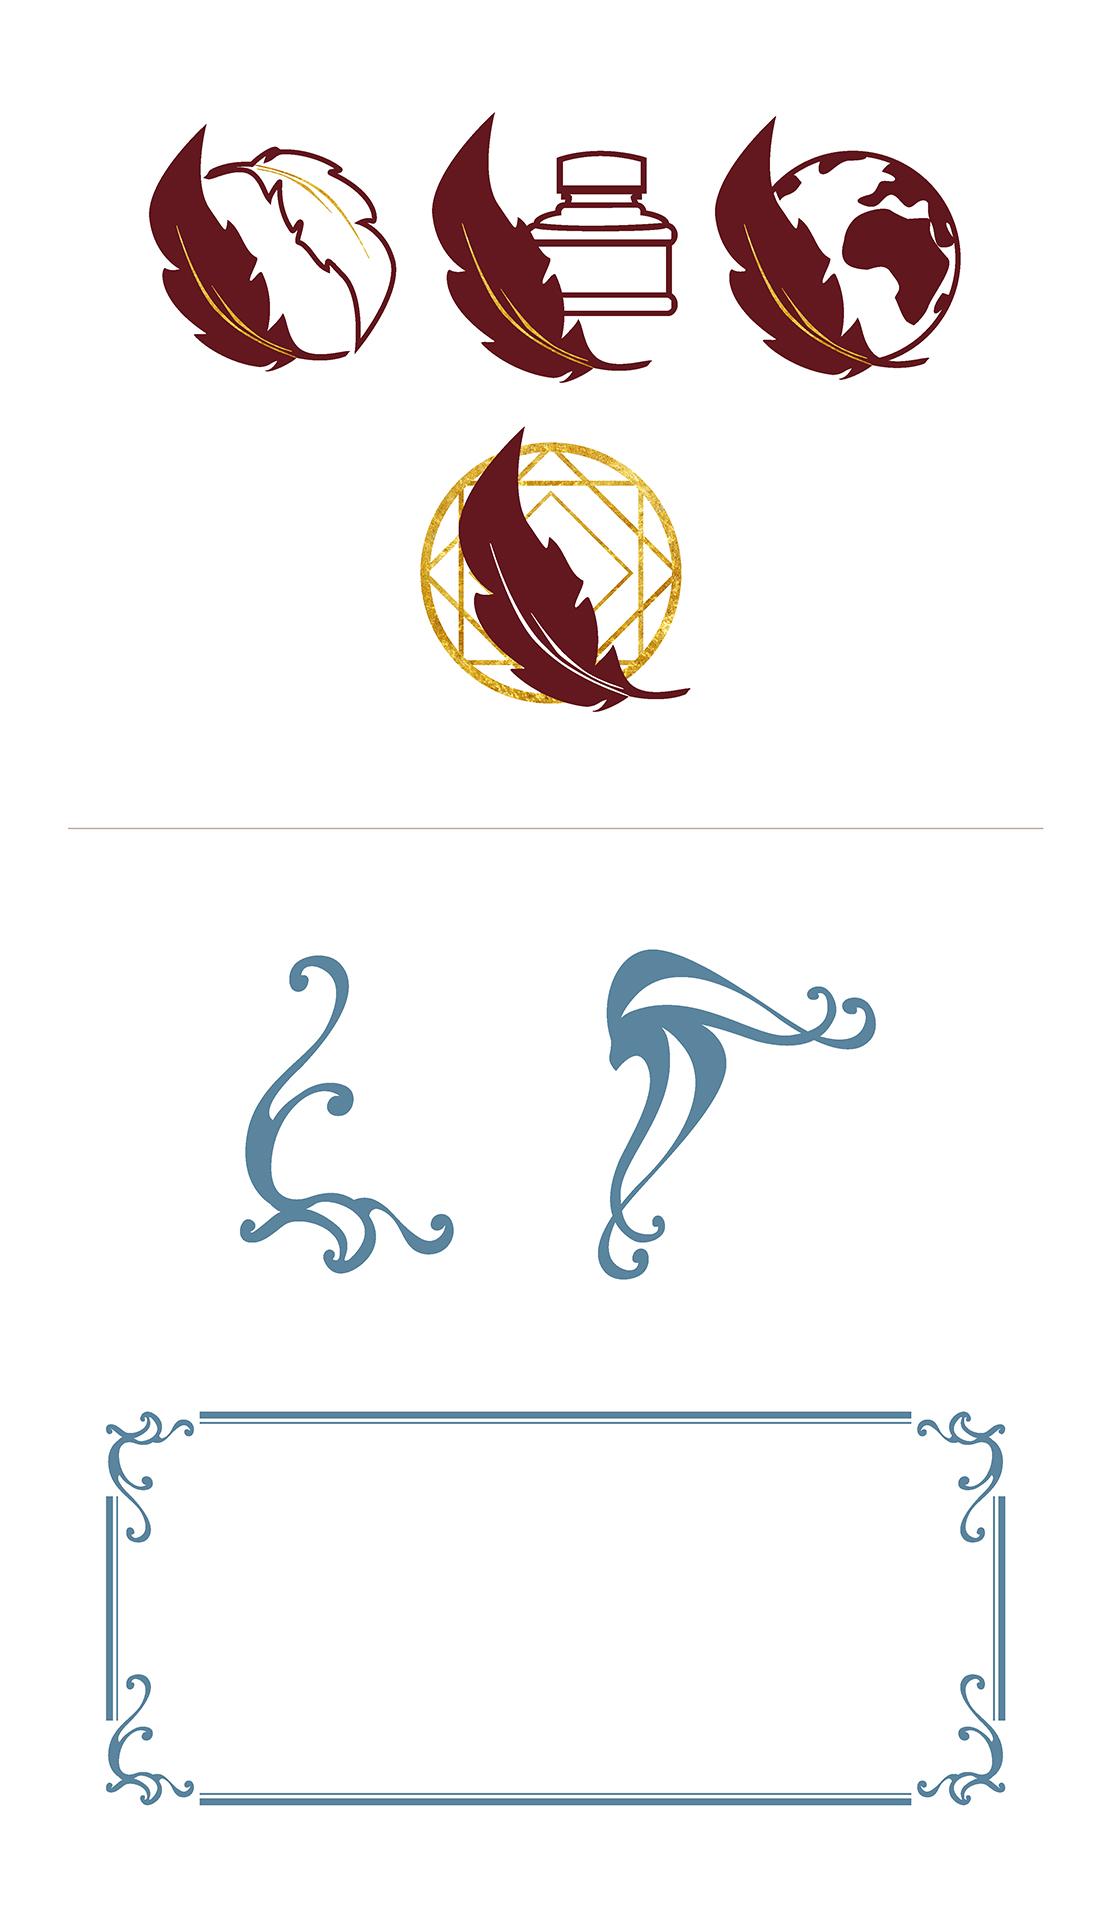 Alessandra Martelli progettazione icone e cornici, portfolio Laura Calascibetta Graphic Designer